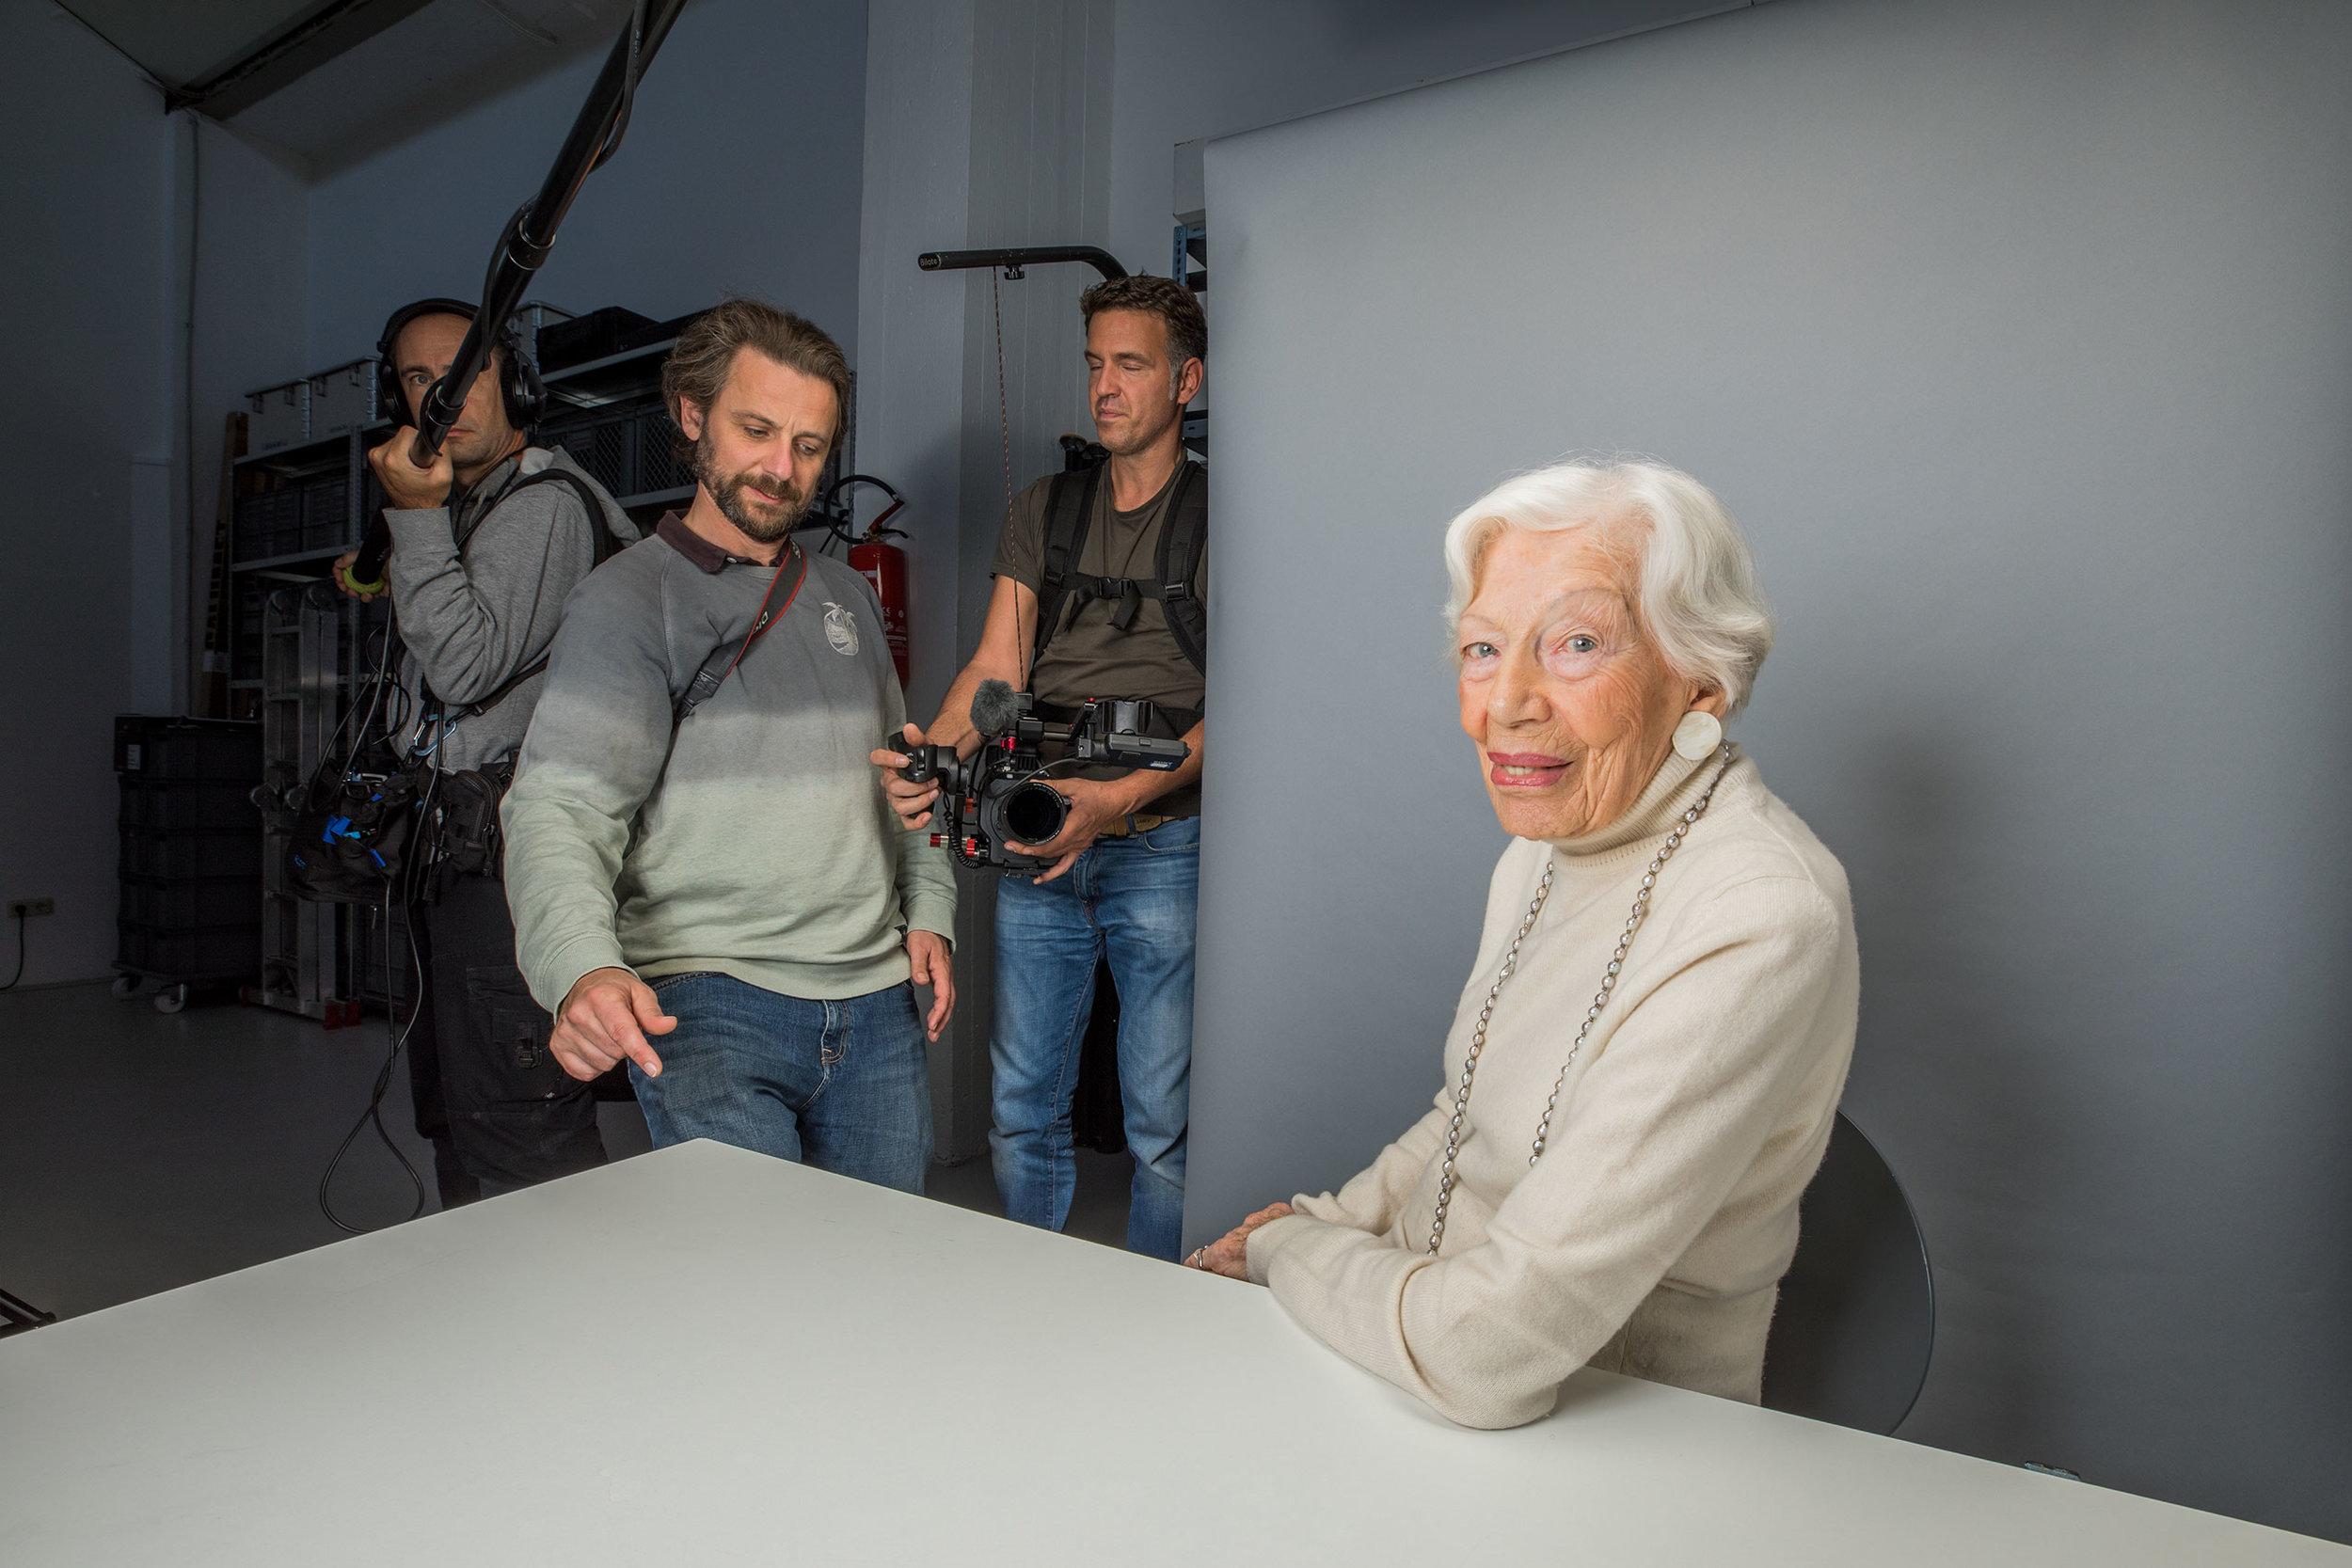 Inge Wolf (103), Regisseur Yves Schurzmann, während der Dreharbeiten zu 37° Grad